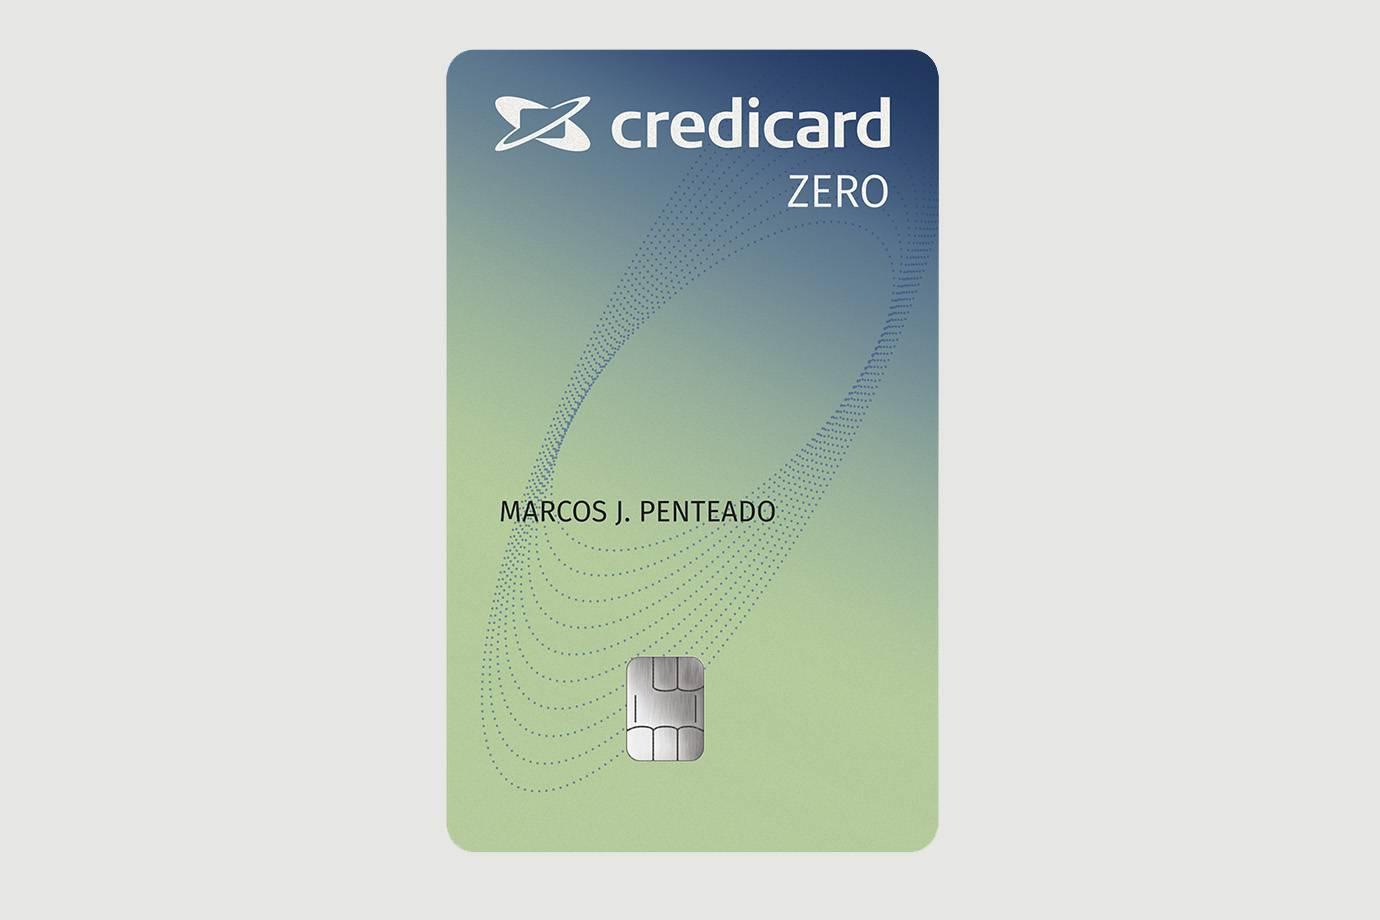 Cartão de Credito Credicard Zero